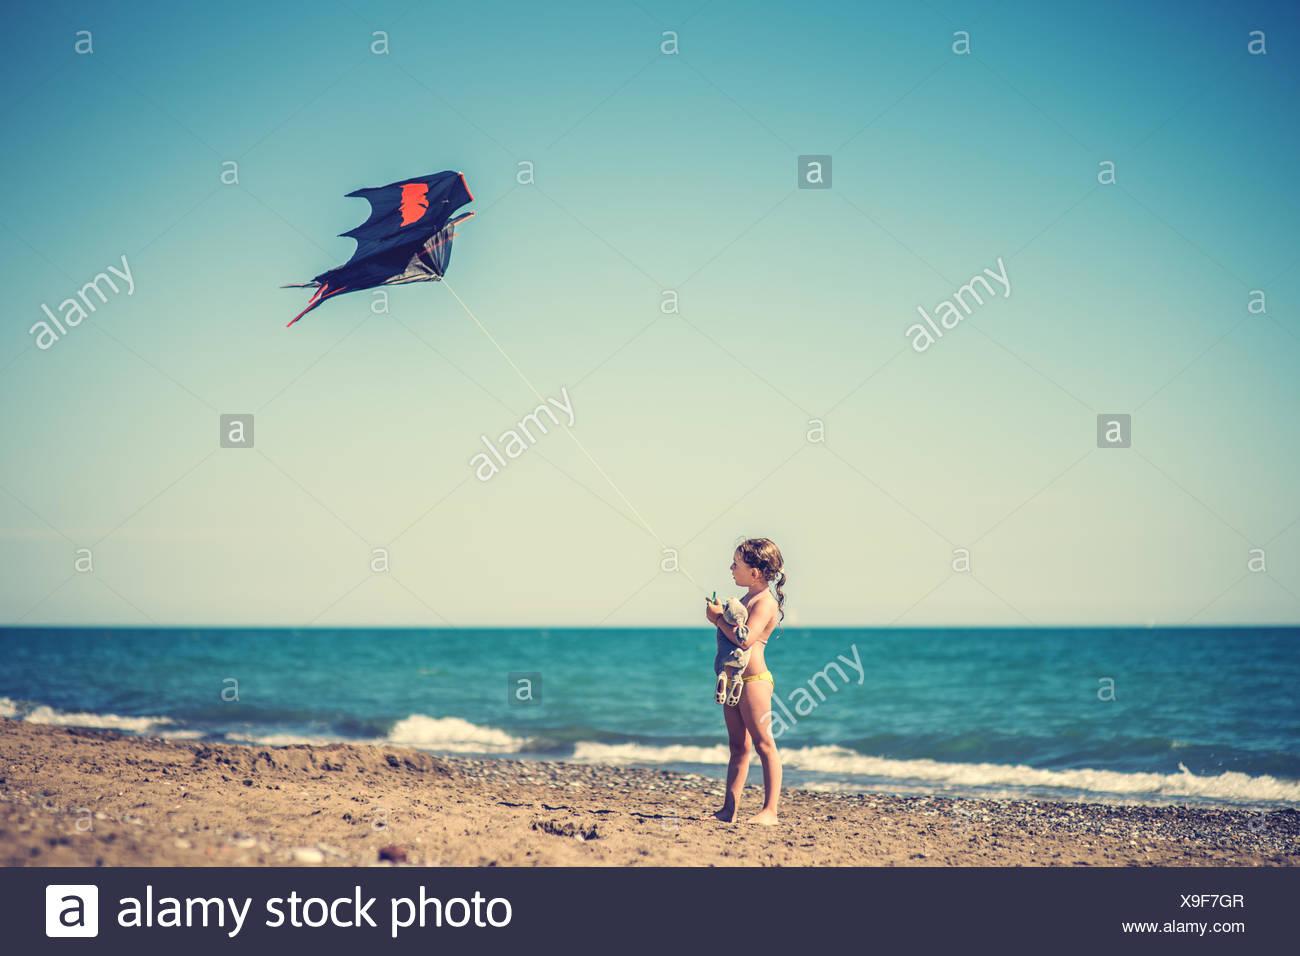 Chica flying kite en la playa de arena Imagen De Stock